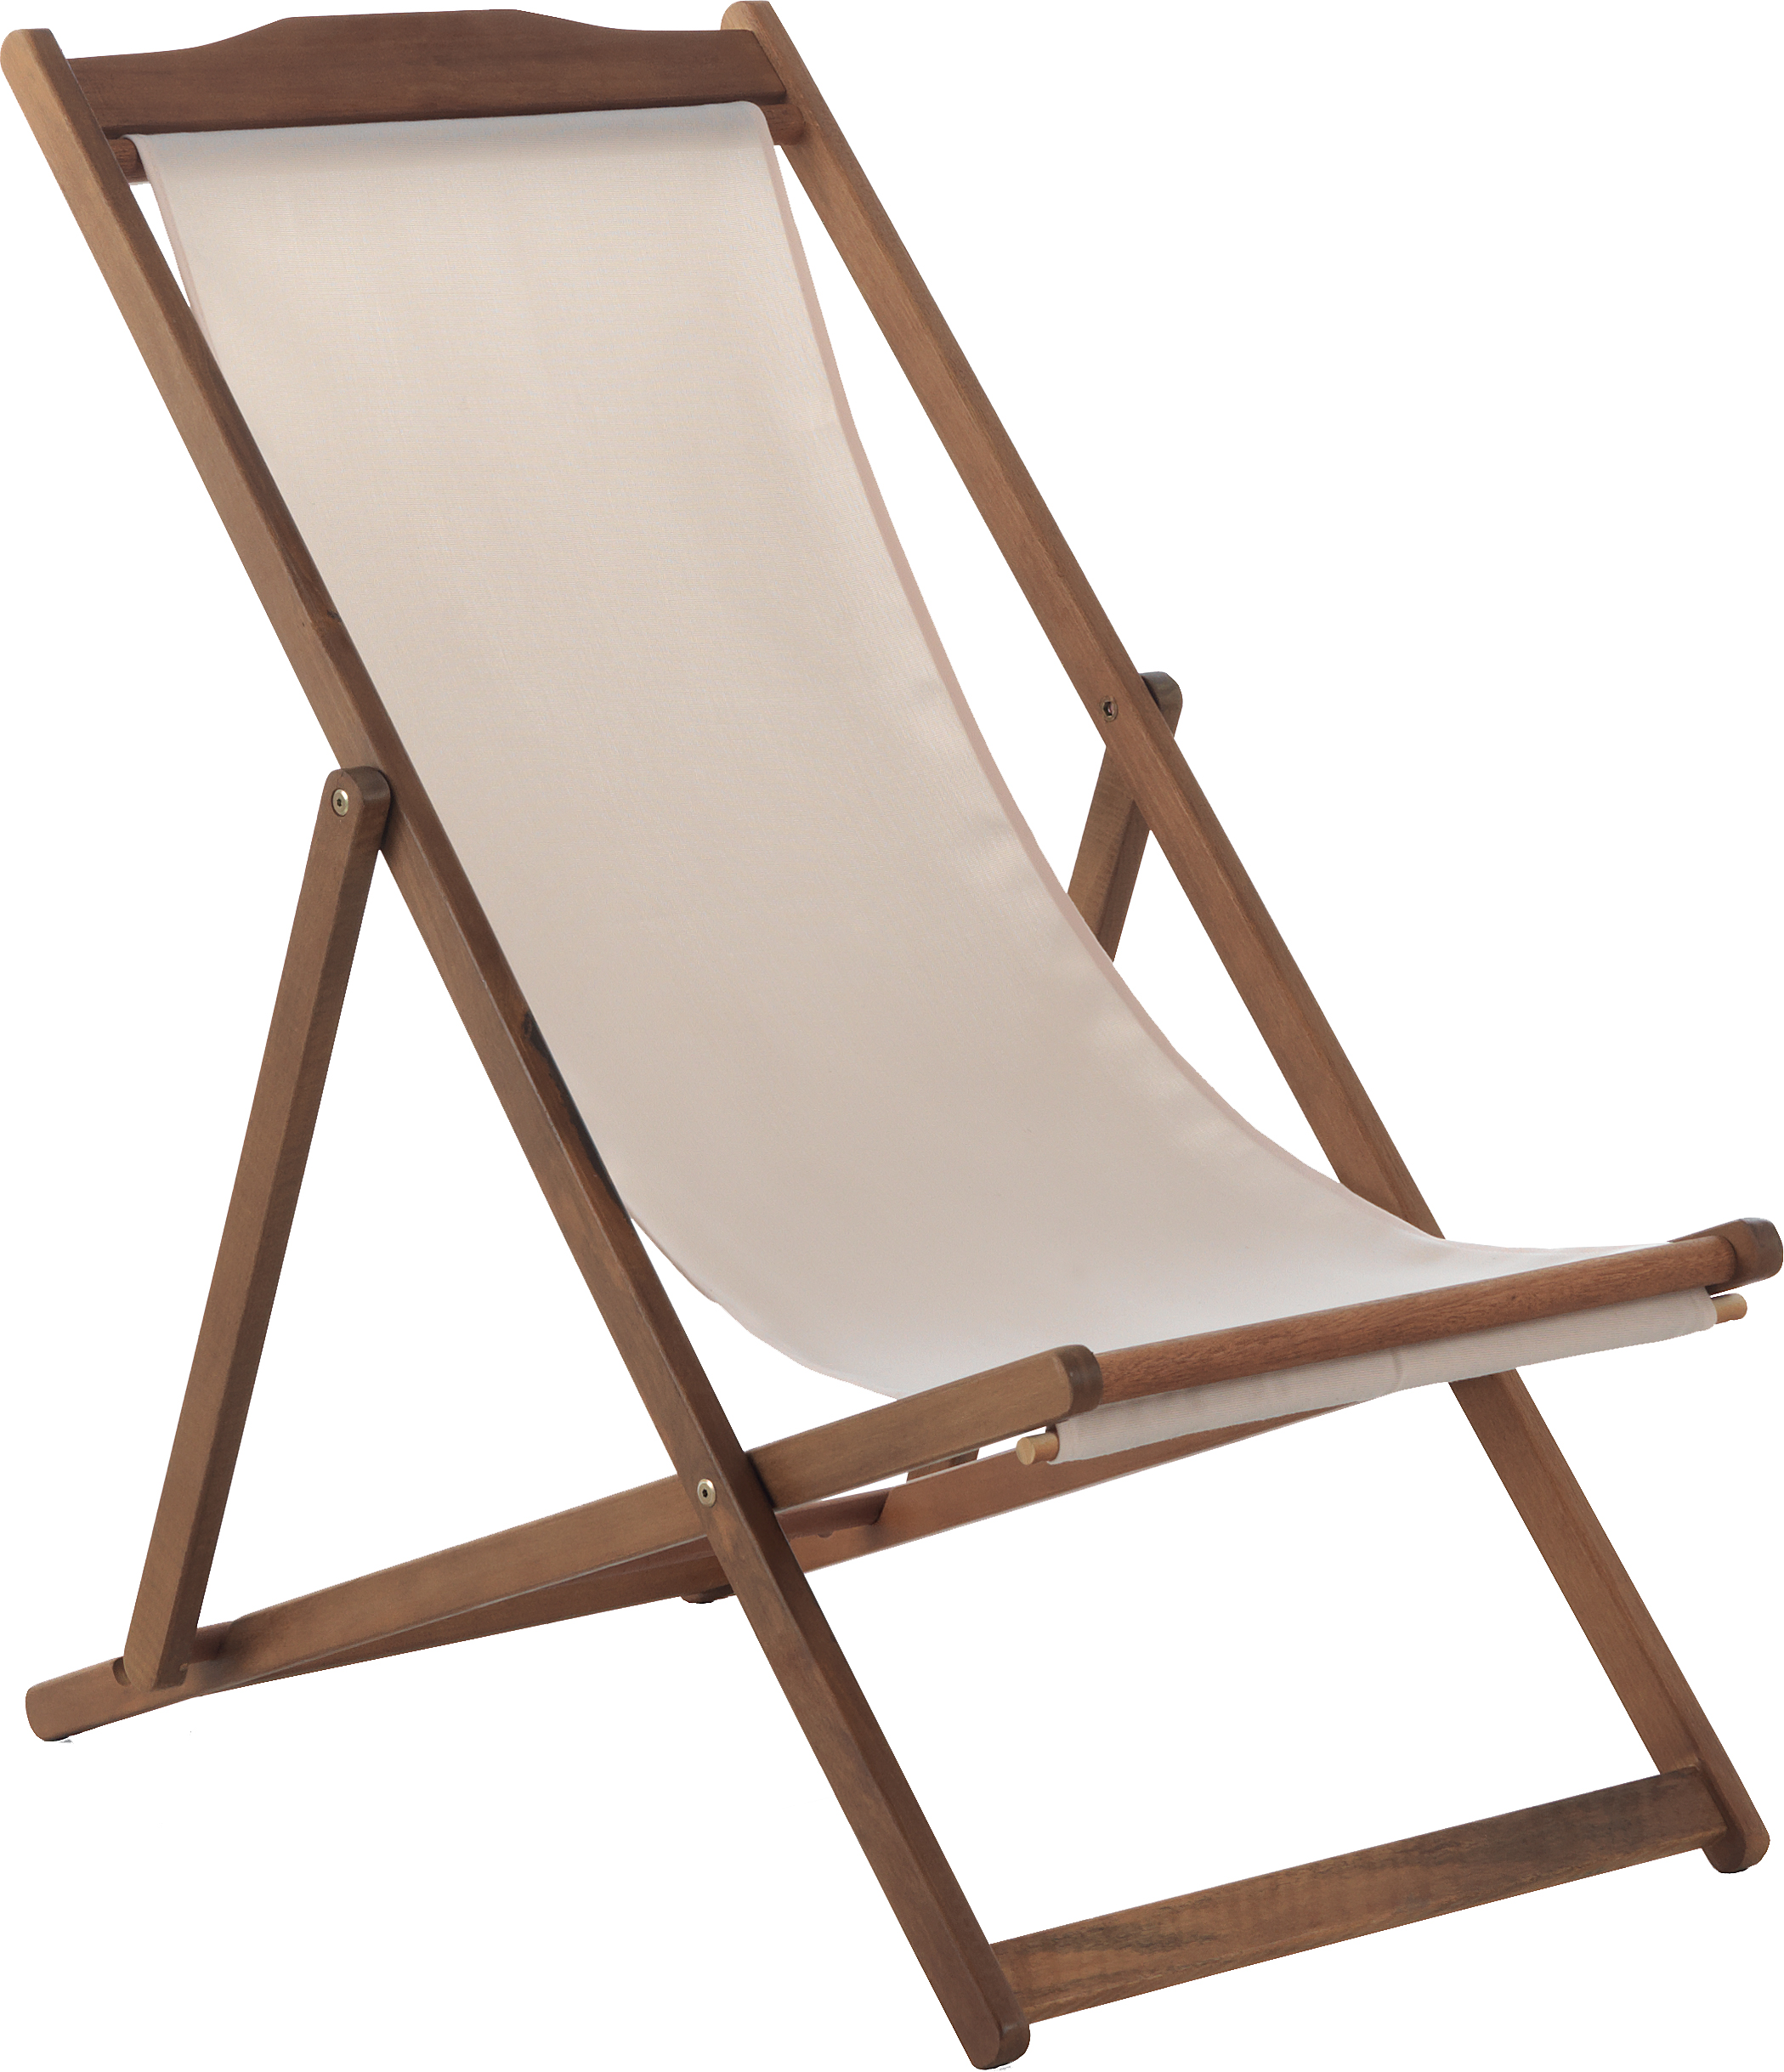 Bien choisir un transat en bois pas cher conseils et prix for Chaises longues bois et toile